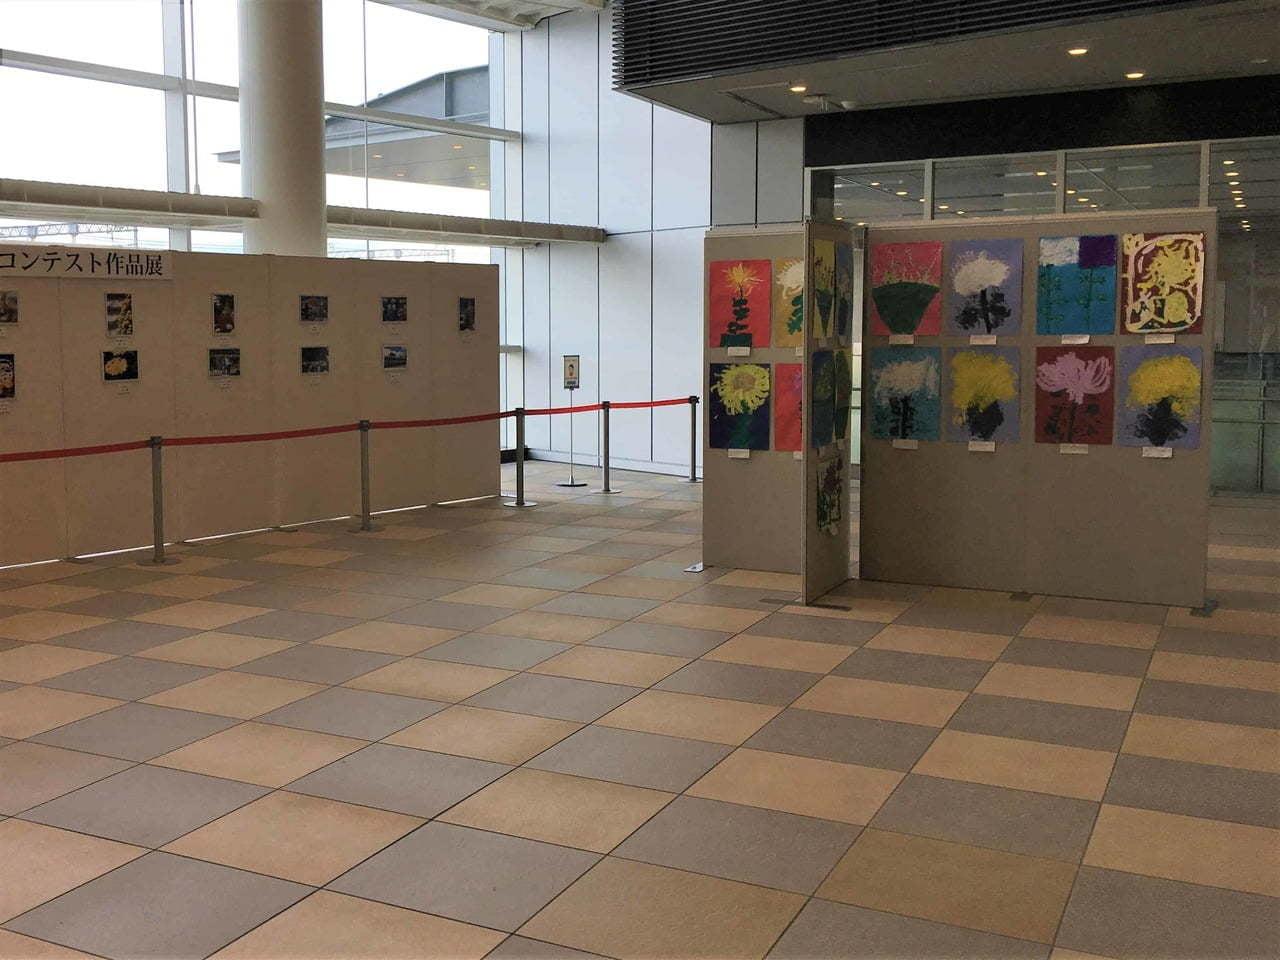 第44回 菊花展覧会児童写生作品展